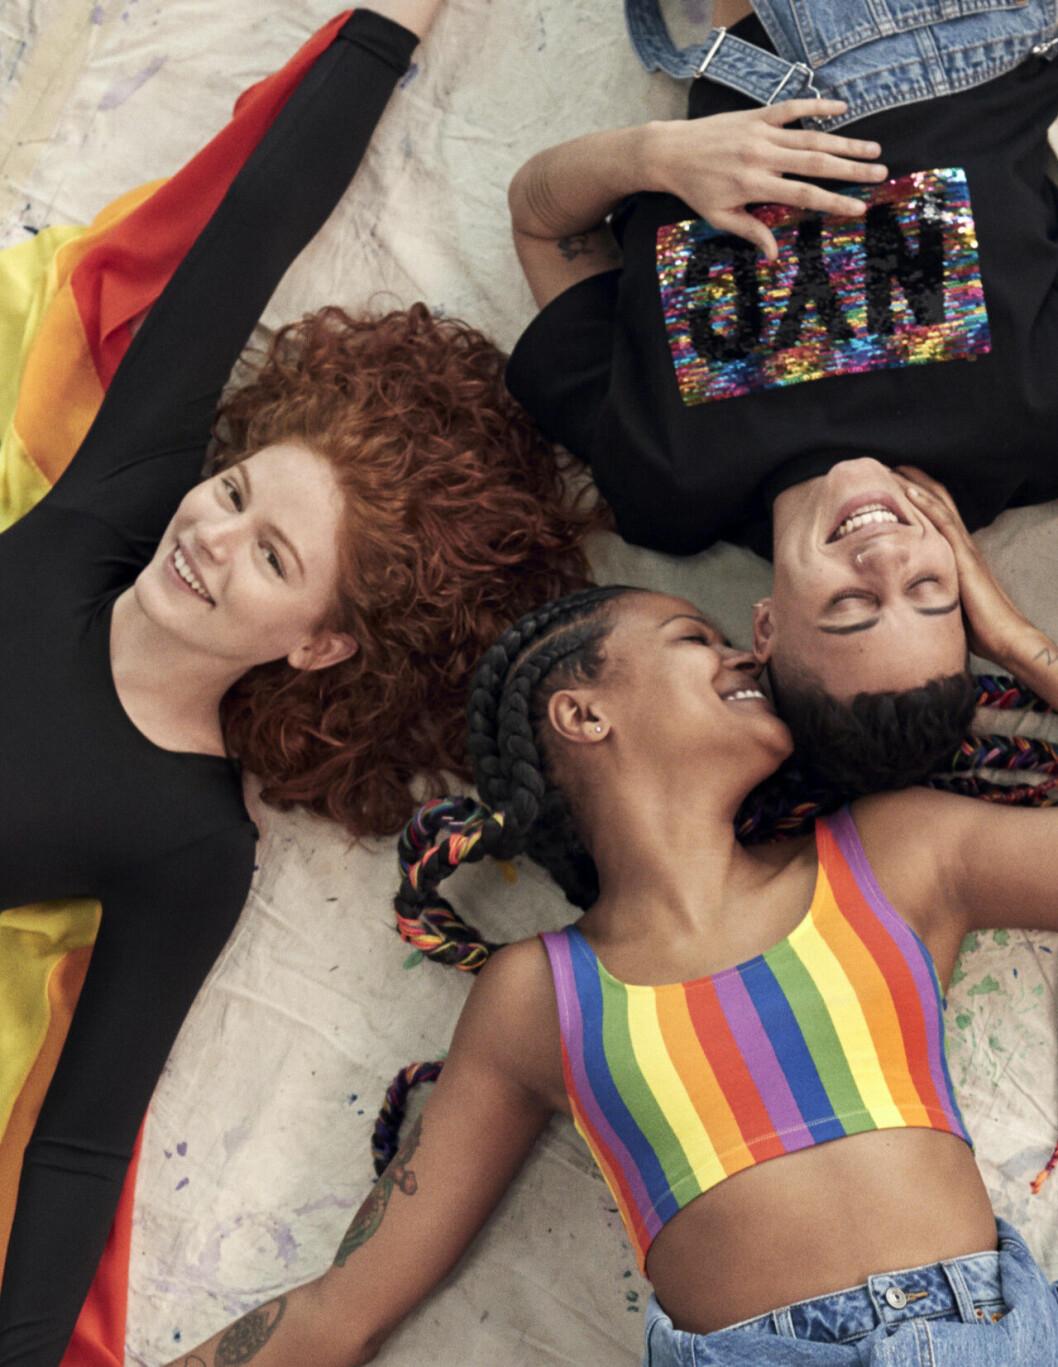 H&M lanserar kollektionen Love for all inför Pride 2019